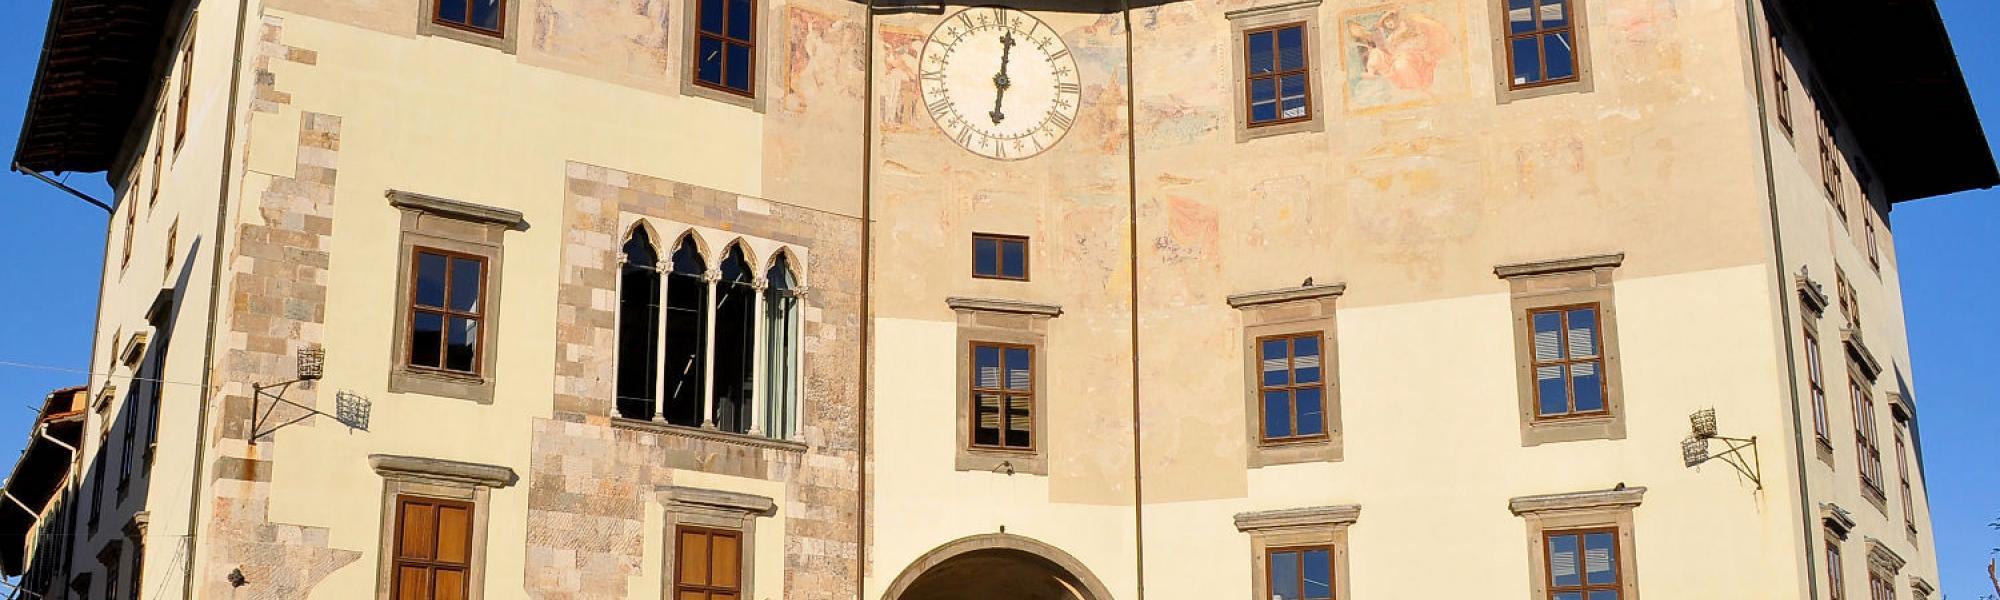 Piazza dei Cavalieri - Palazzo dell'orologio